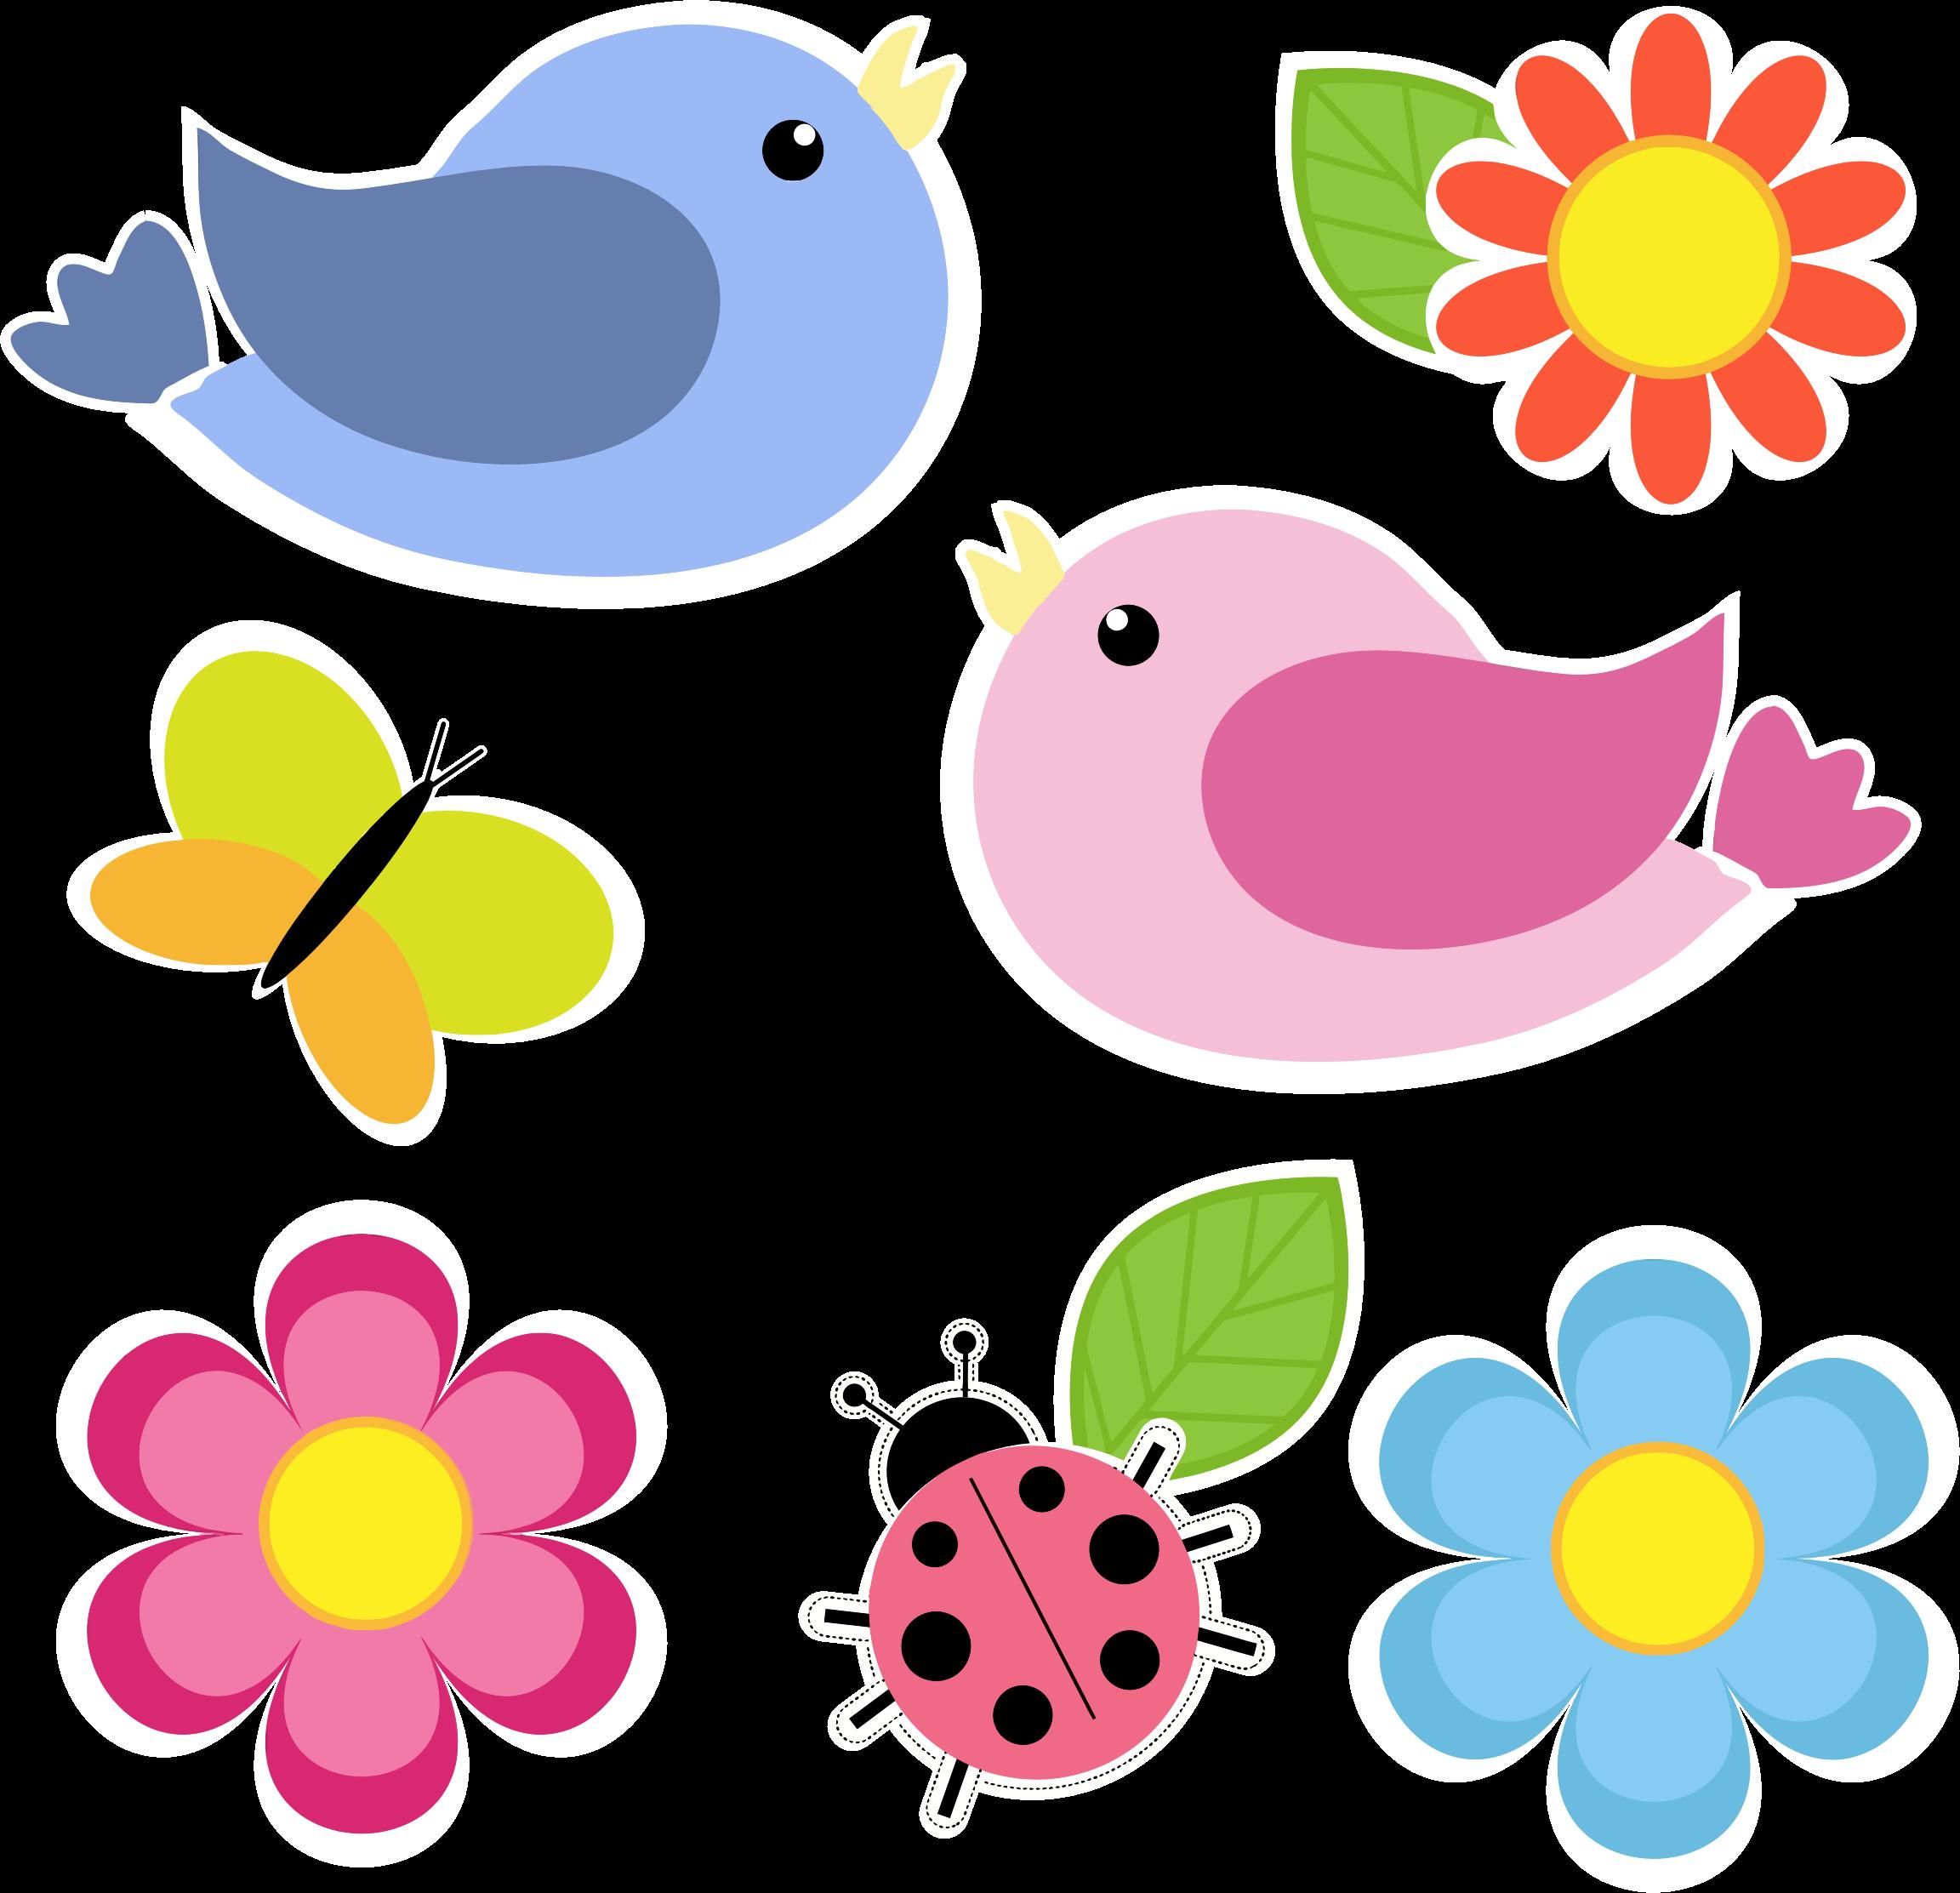 аксессуары цветные картинки с птичками визитки